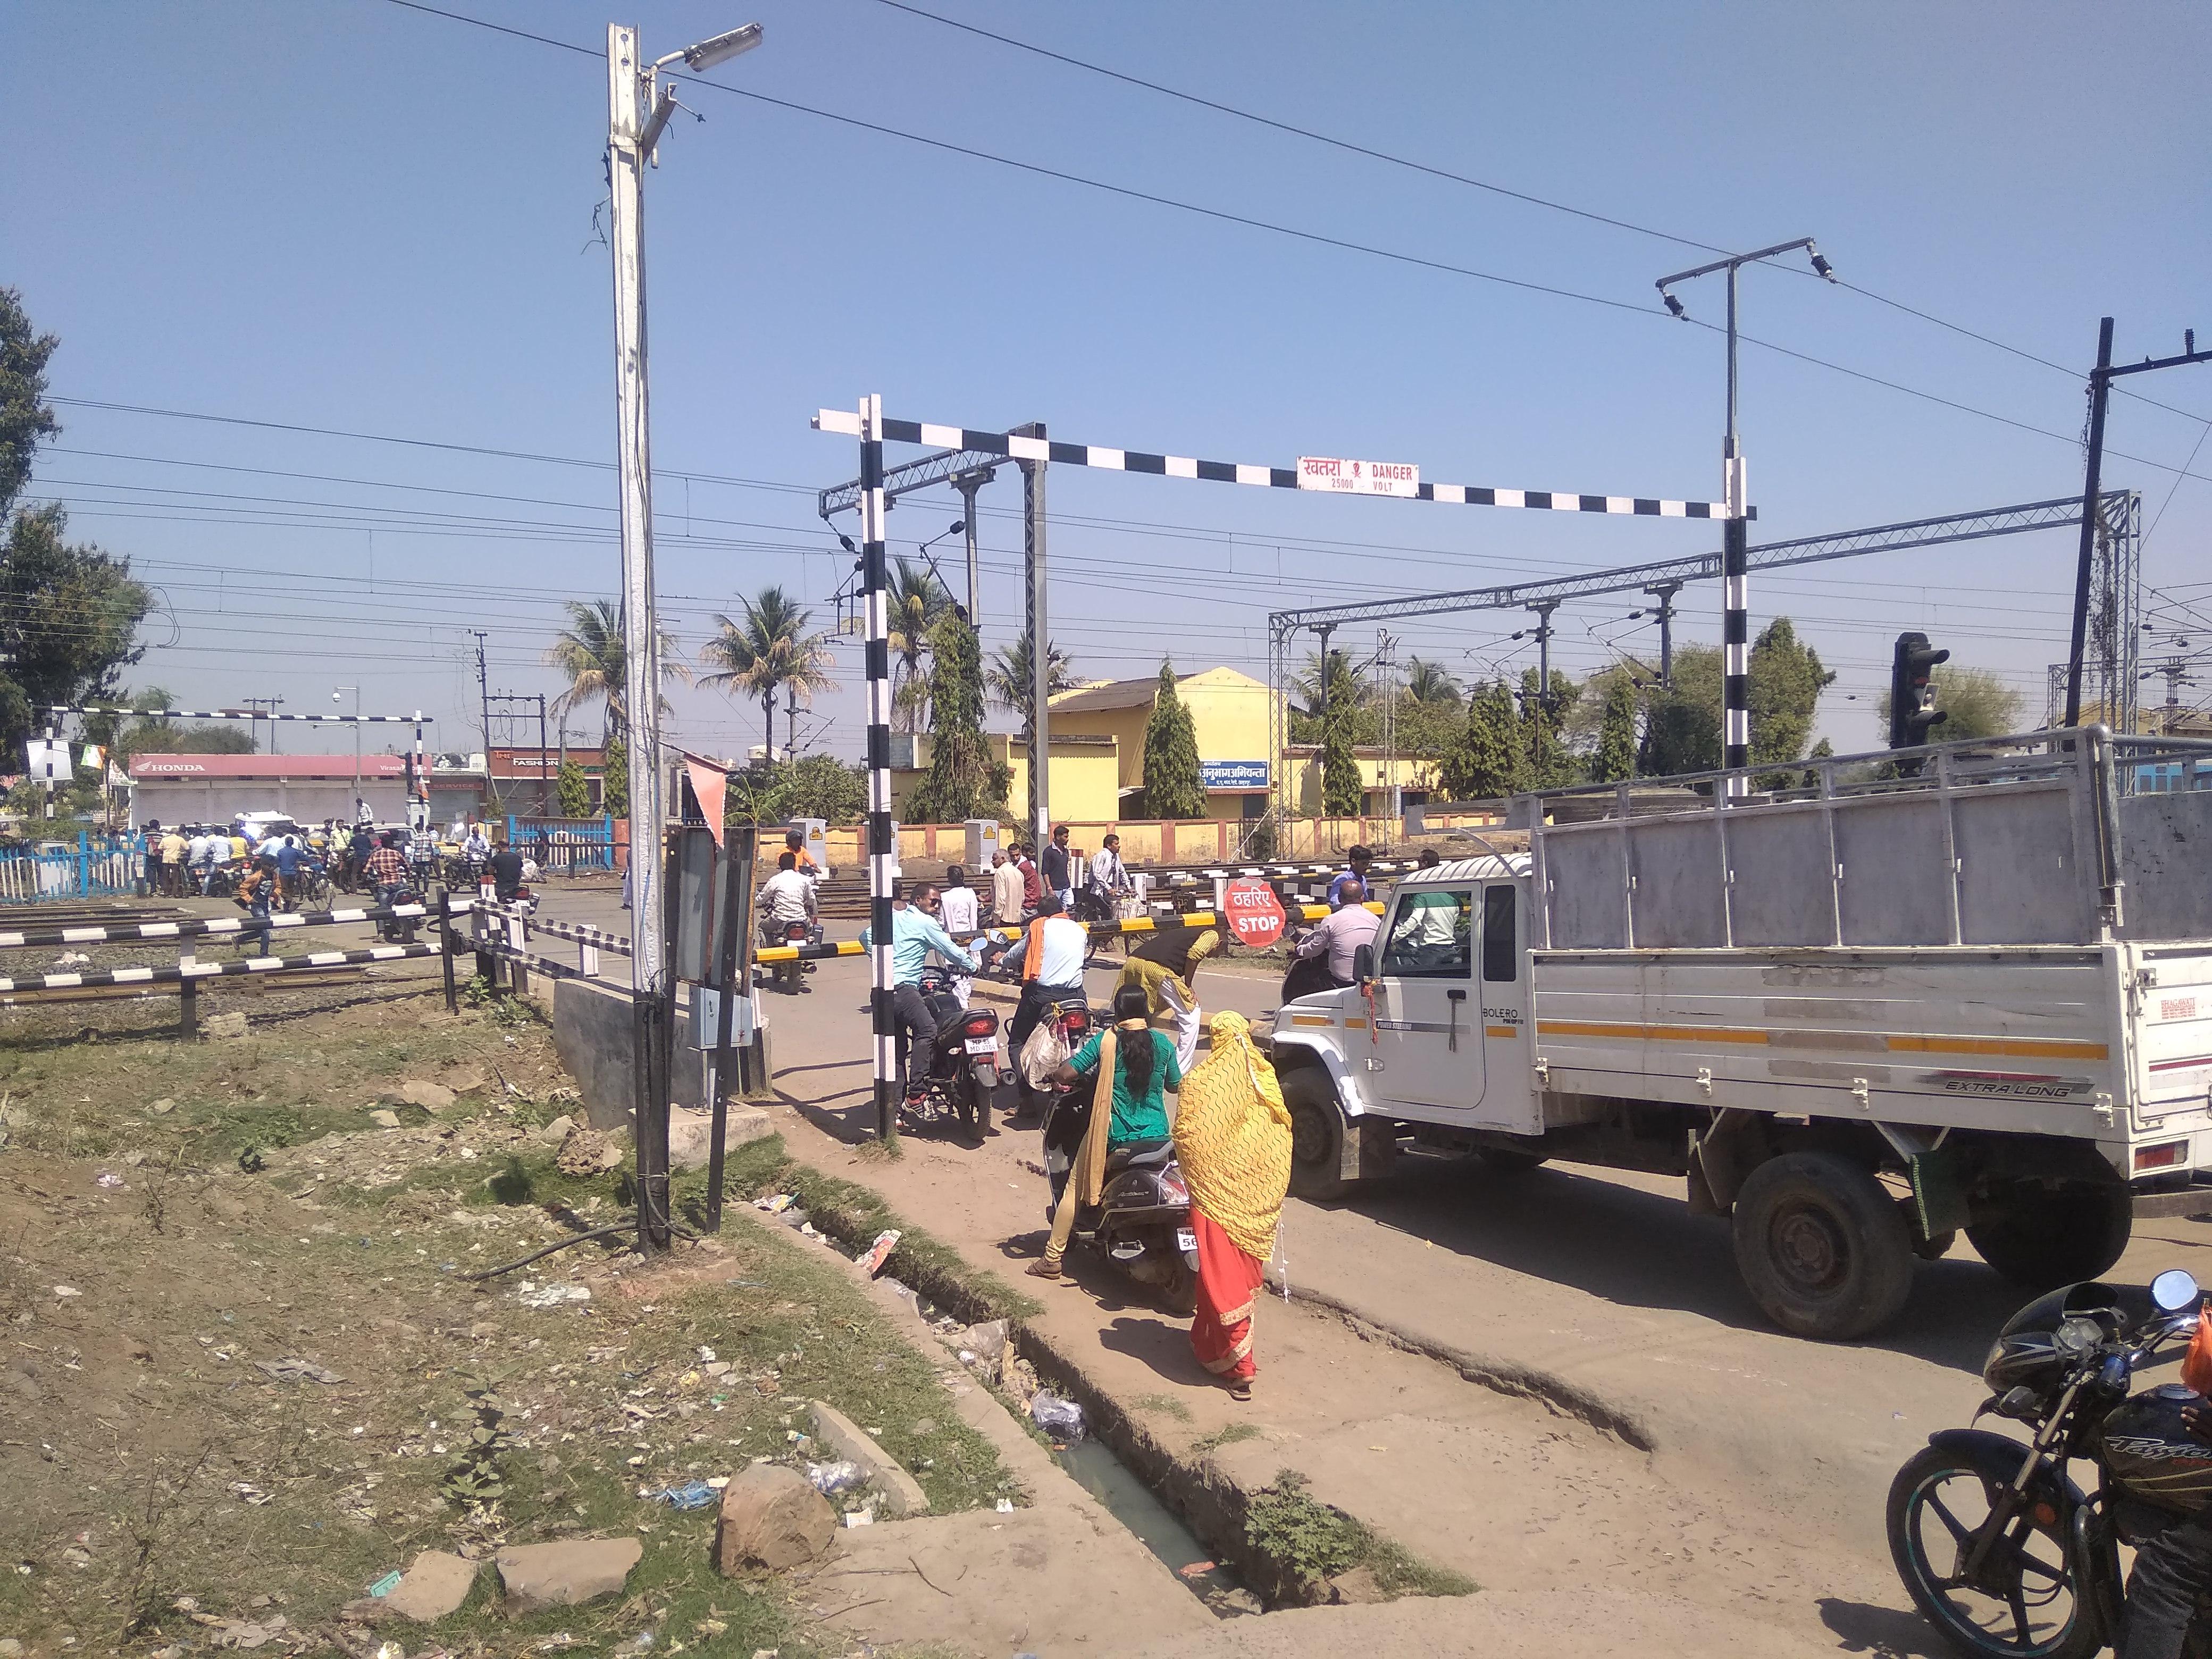 बंद फाटक से कब मिलेगी राहत: रेलवे ओवरब्रिज पर मंडराया आचार संहिता का साया, मुआवजा वितरण बाद भी नहीं डाला निर्माण की नींव